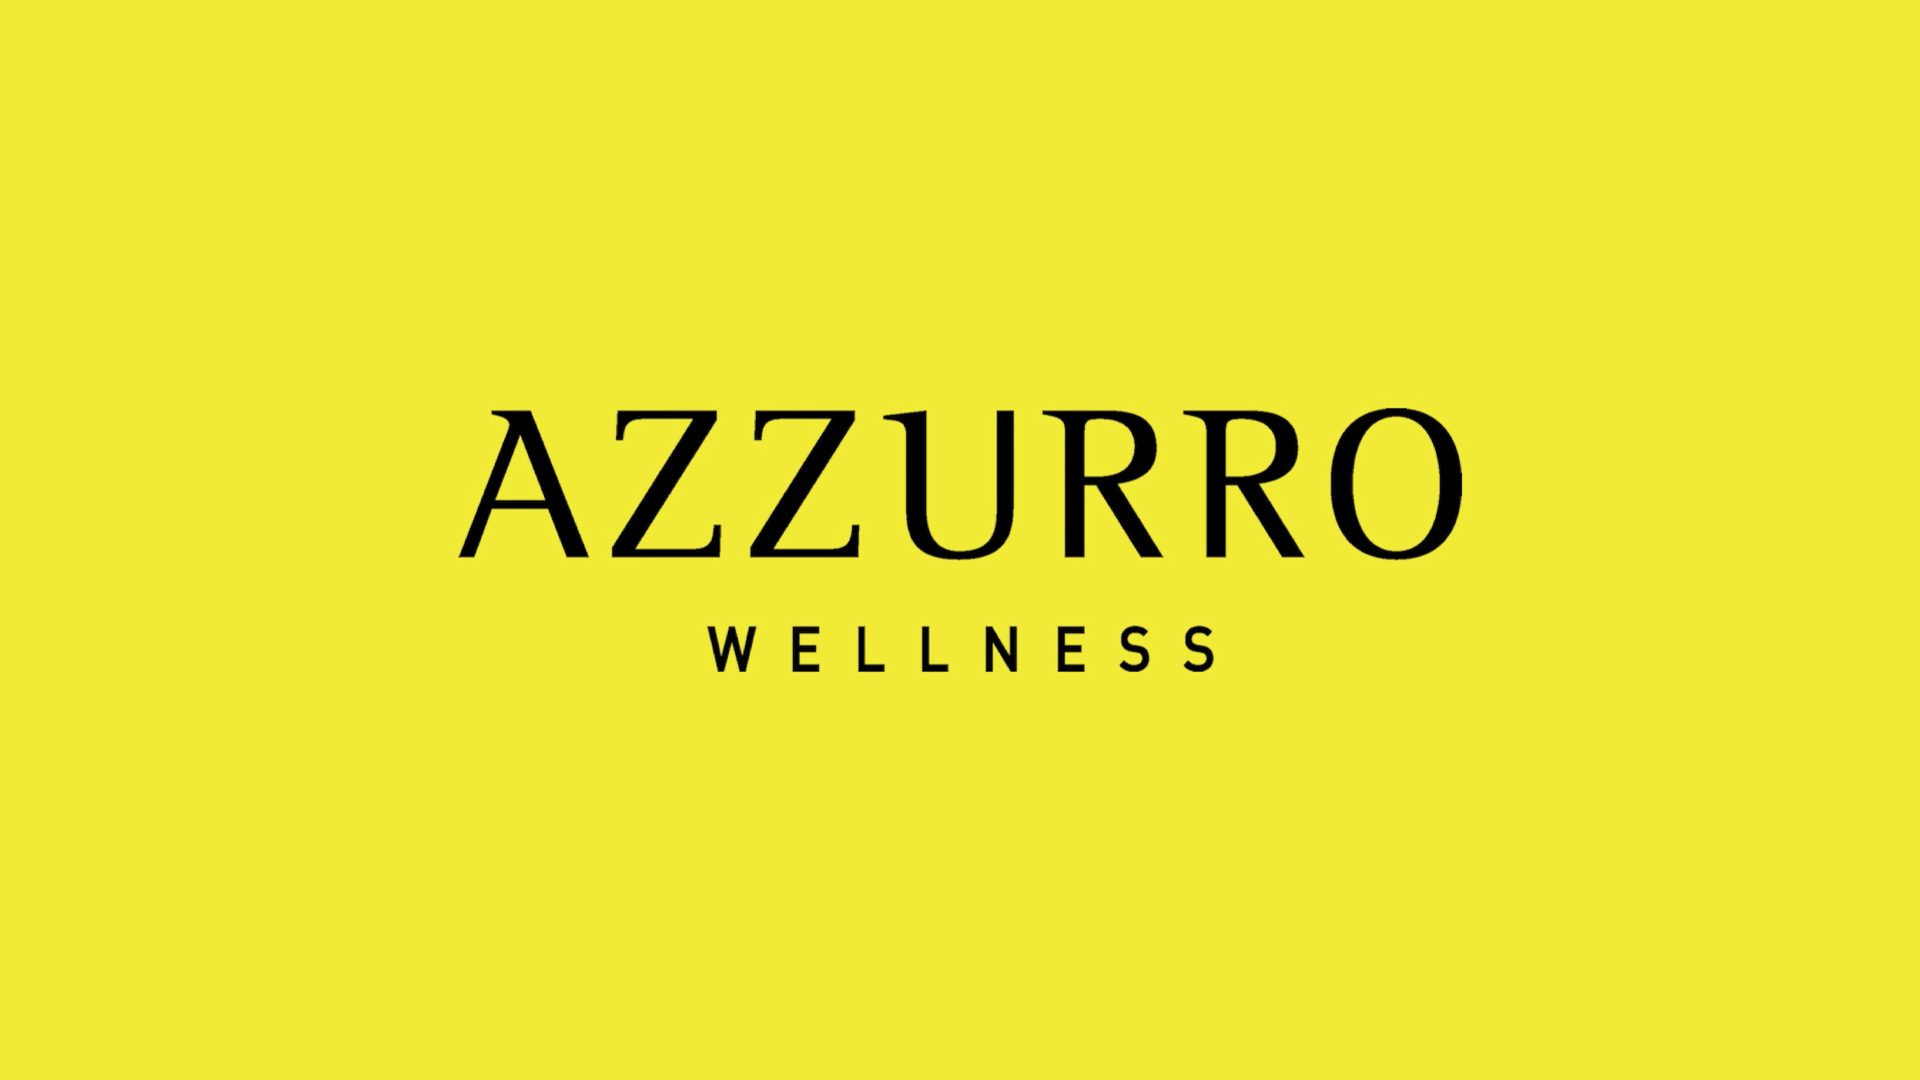 Azzurro Wellness